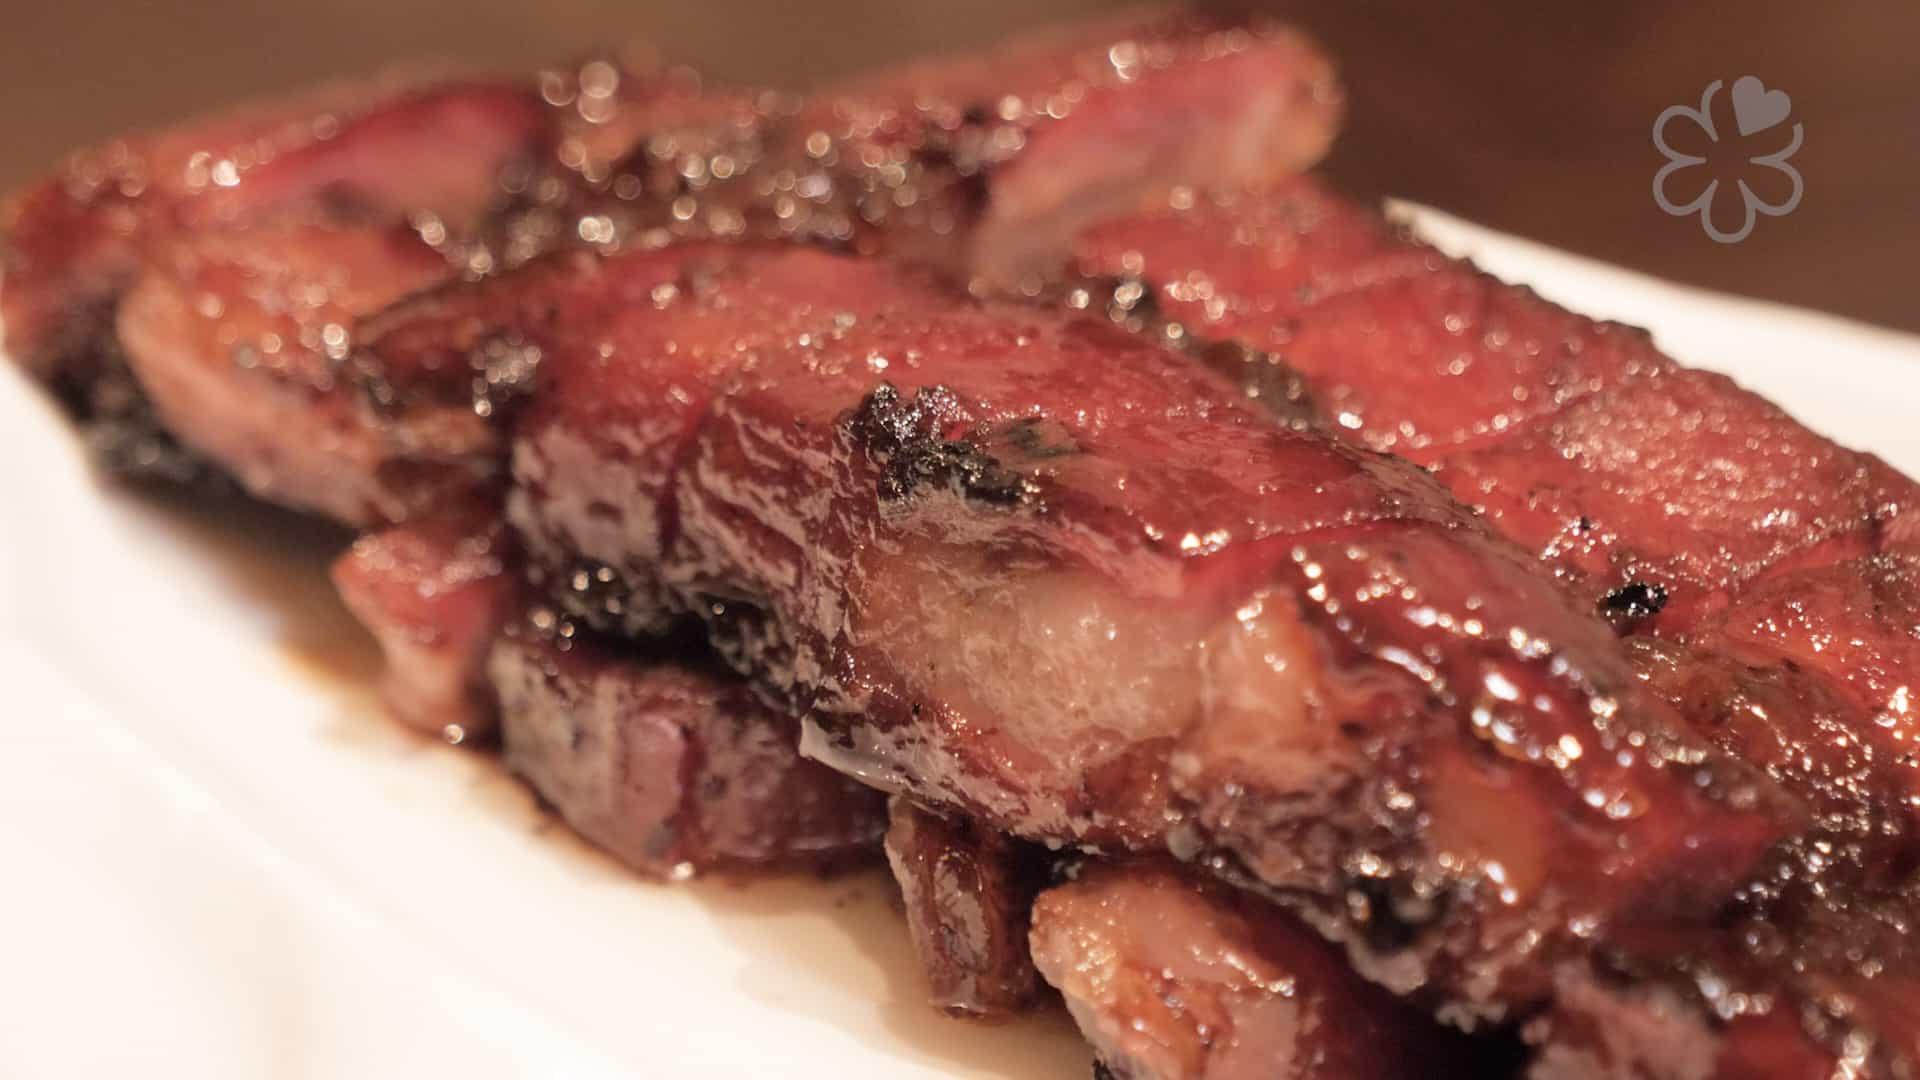 「蜜味西班牙黑豚叉燒」是碧迎居很受歡迎的菜式。